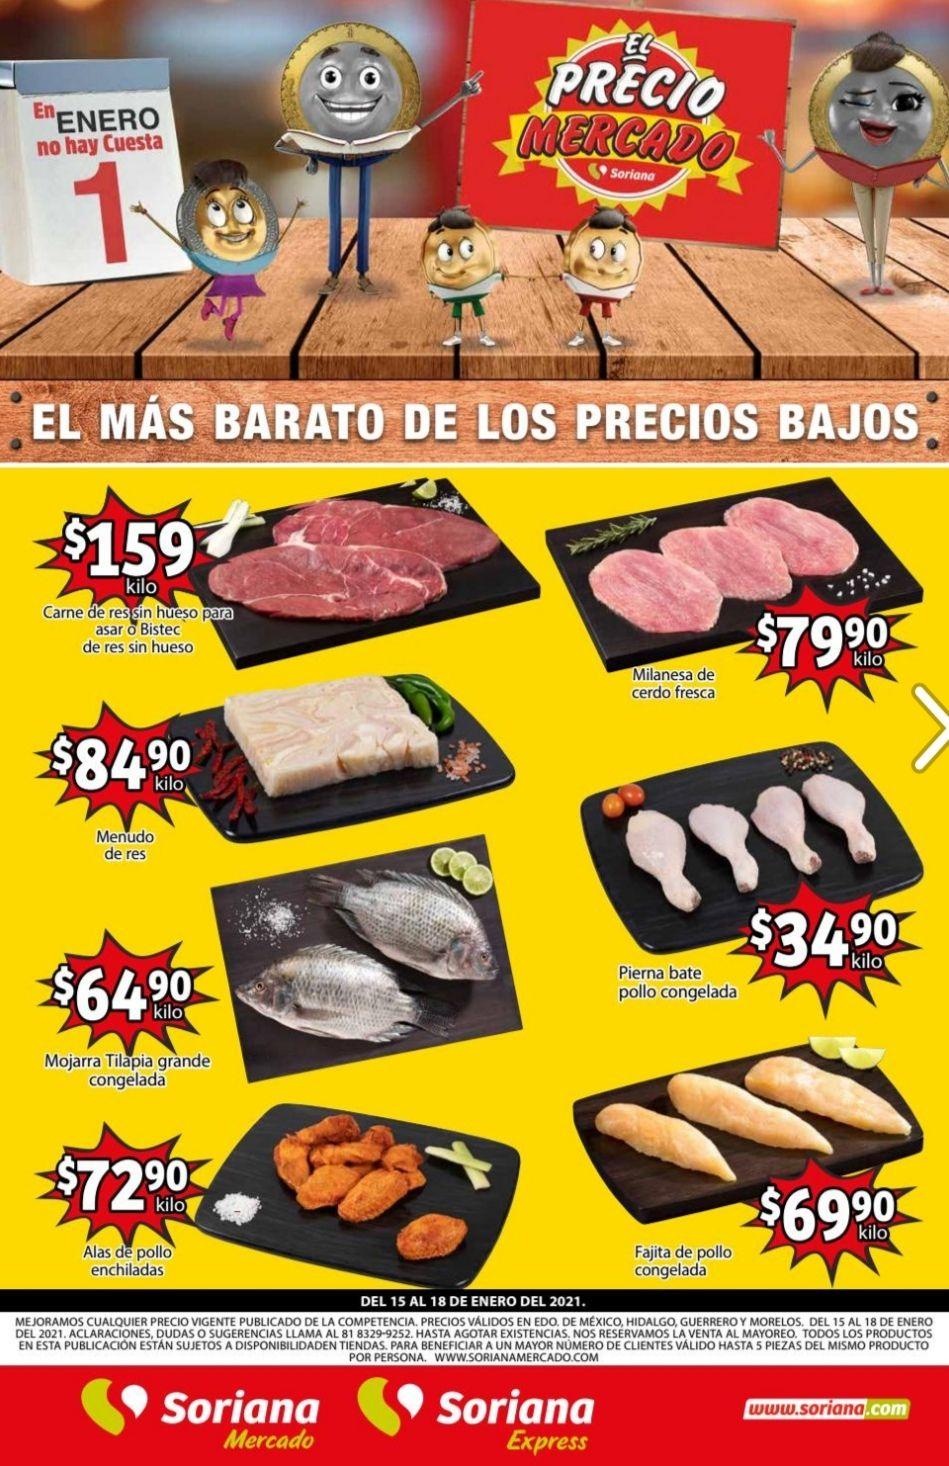 Soriana Mercado y Express: Volante de Ofertas Fin de Semana del Viernes 15 al Lunes 18 de Enero